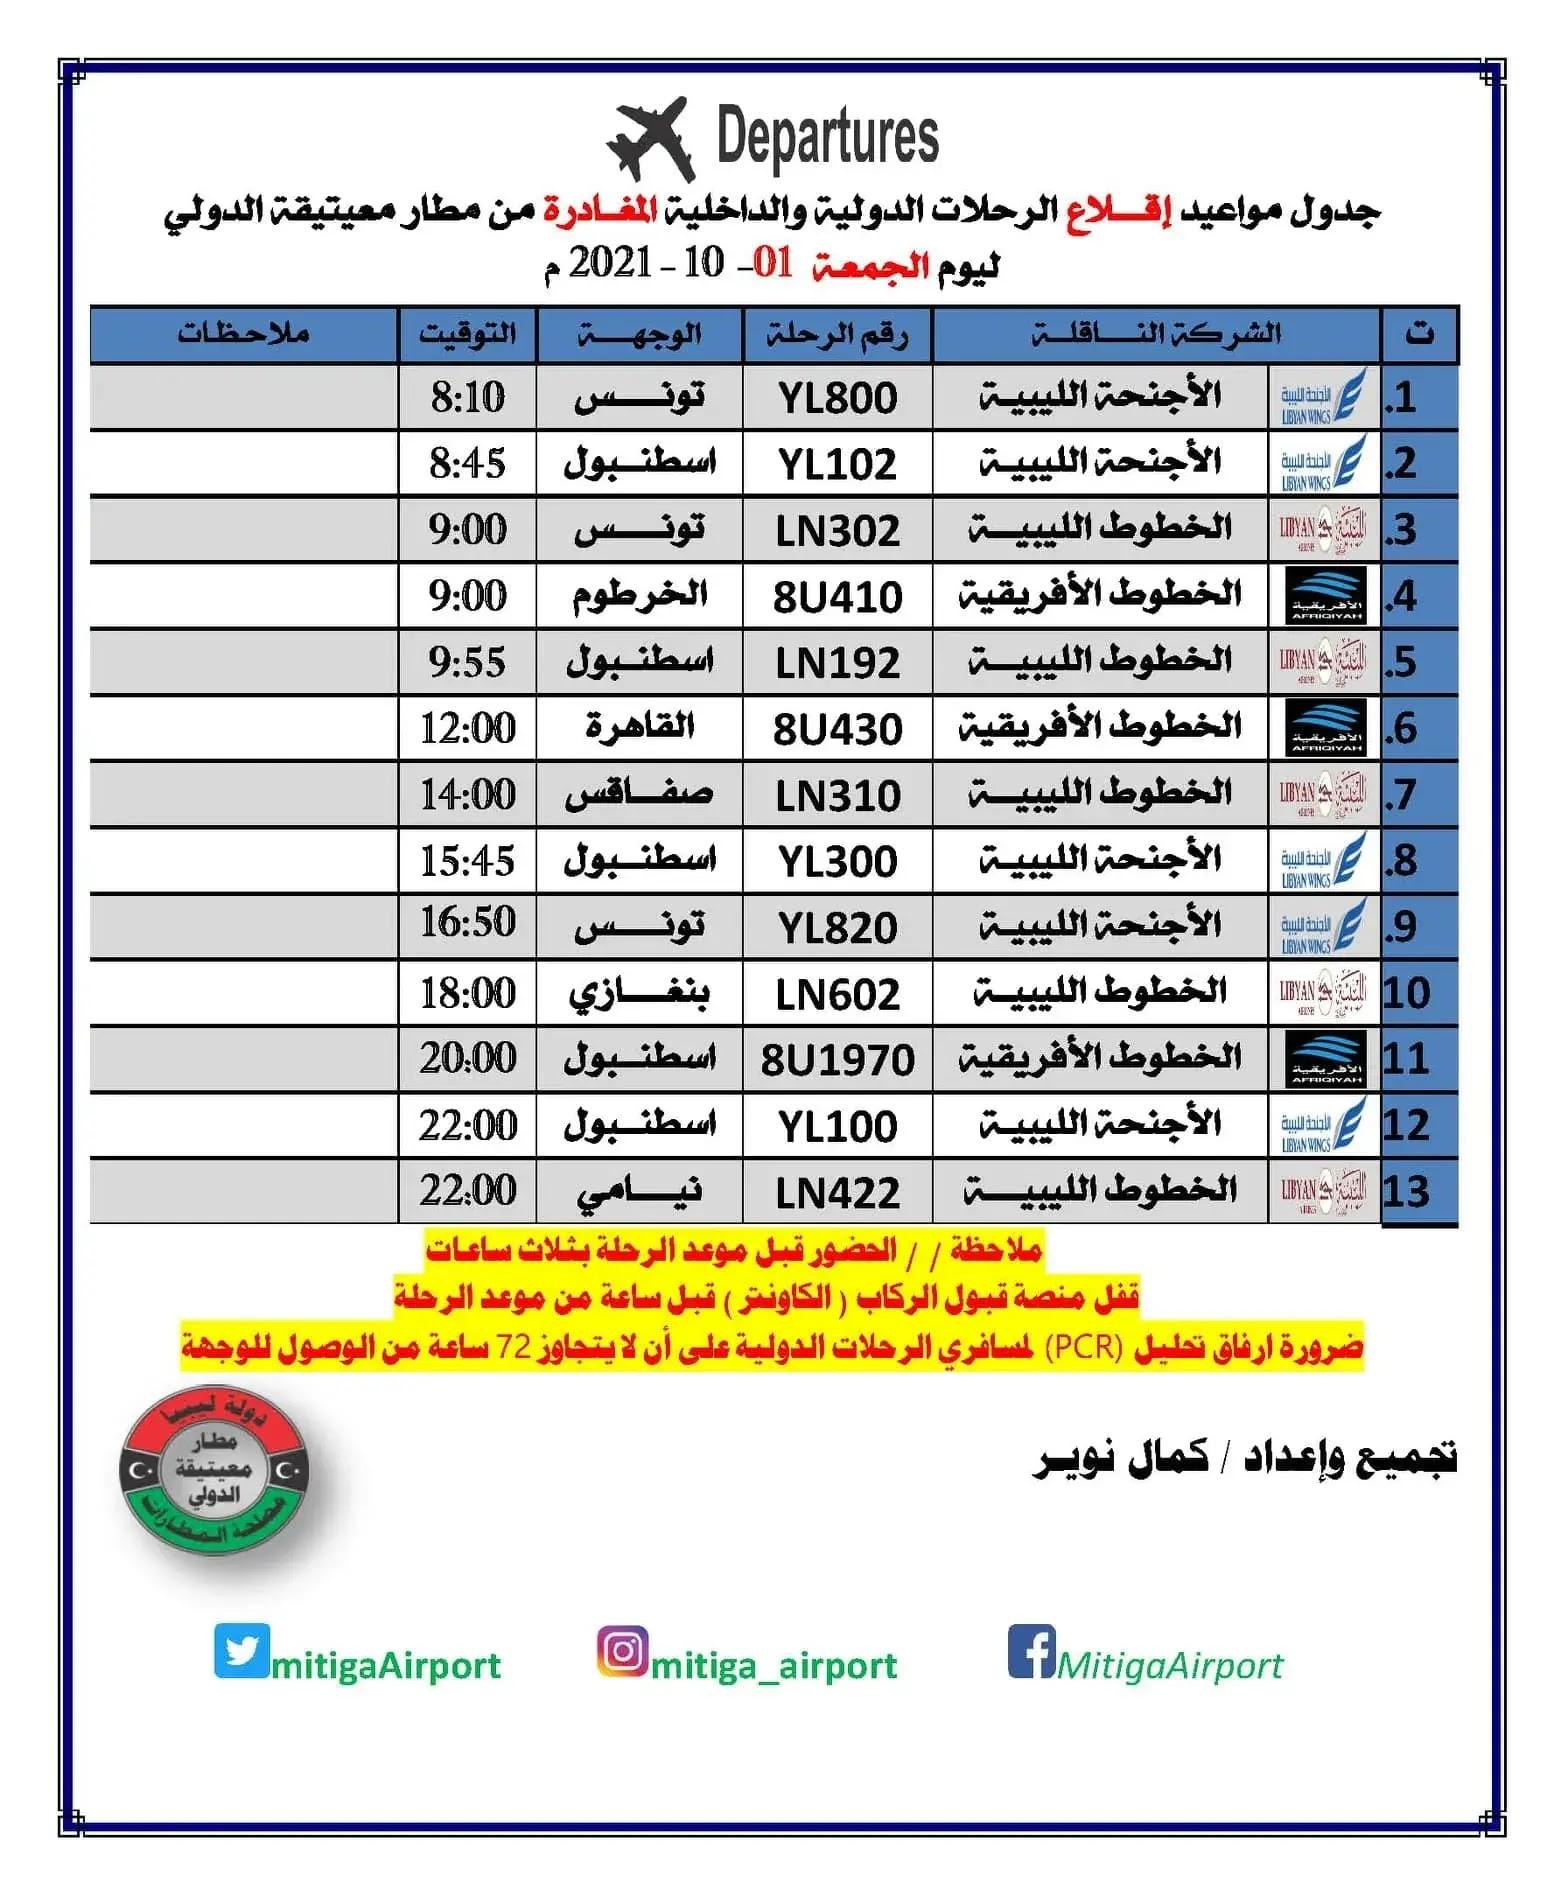 رحلات مطار معيتيقة الدولي الجمعة 01-10-2021م